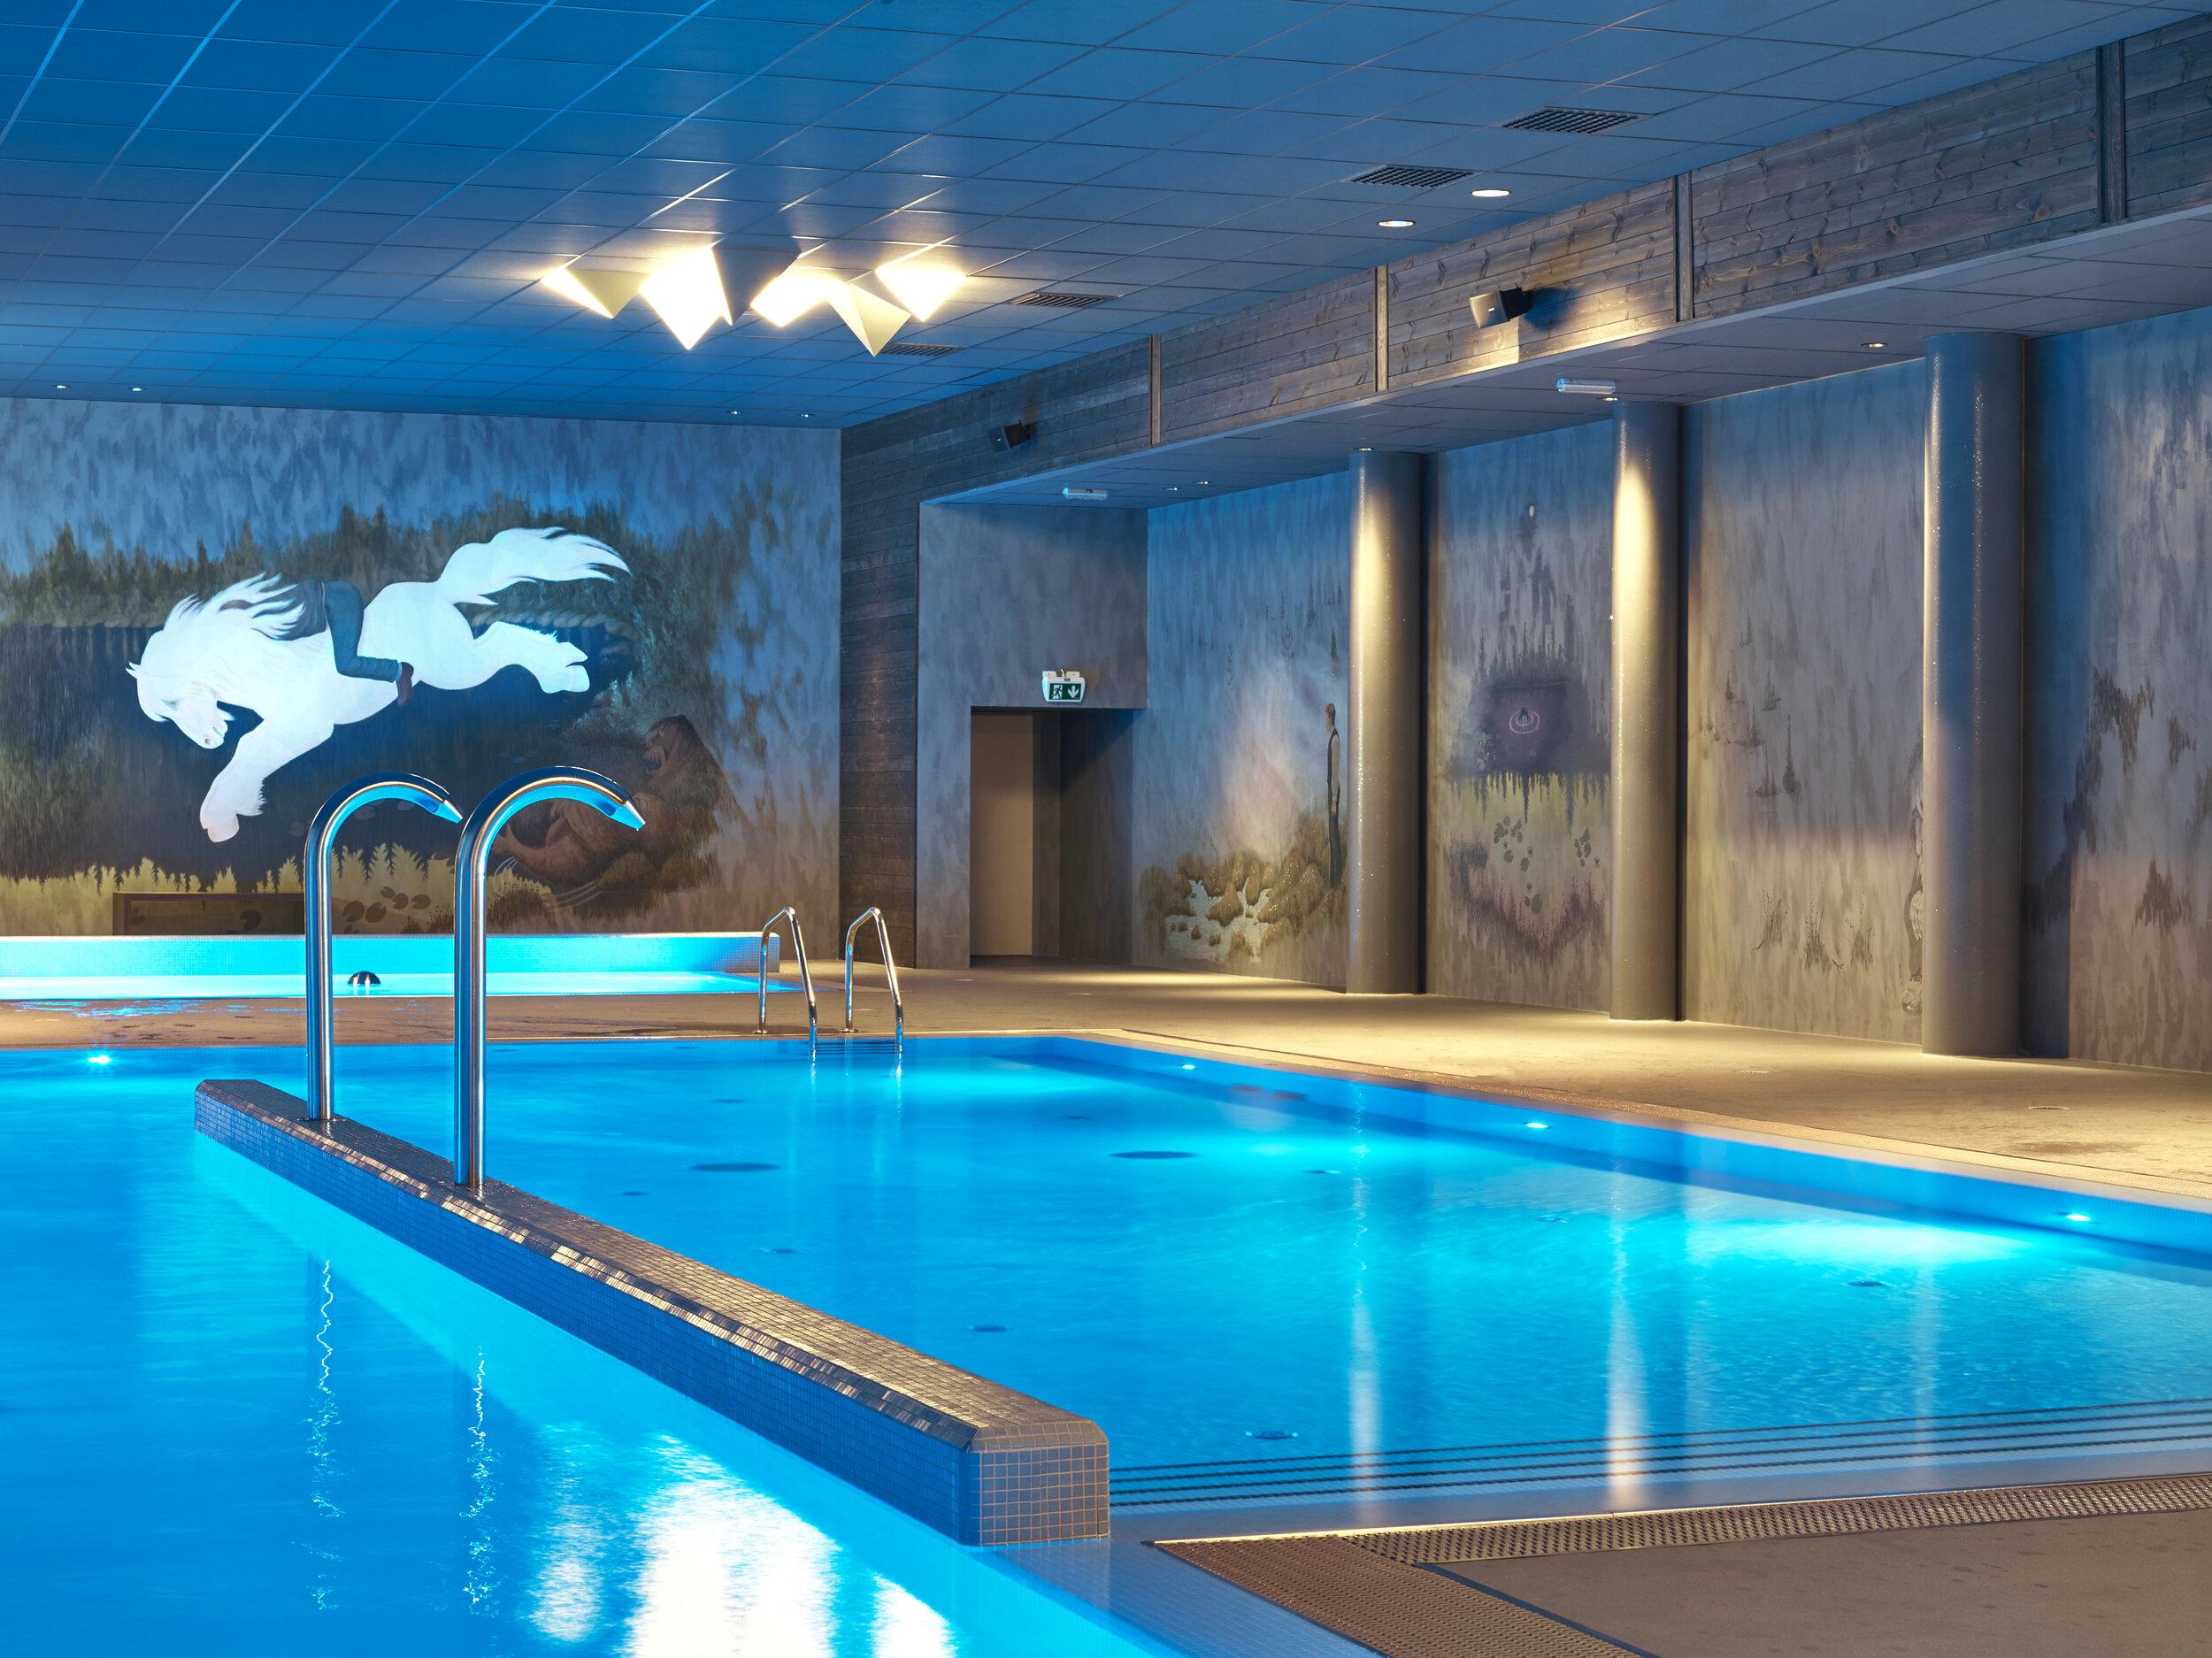 Eventyrbadet - Eventyrbadet på Vestlia Resort er på hele 750 kvadratmeter. Her finner du blant annet et 20-meters svømmebasseng, et aktivitetsbasseng og boblebad. Velkommen til en eventyrlig badeopplevelse i Eventyrbadet.ÅPNINGSTIDER:Hver dag 06:00-22:00